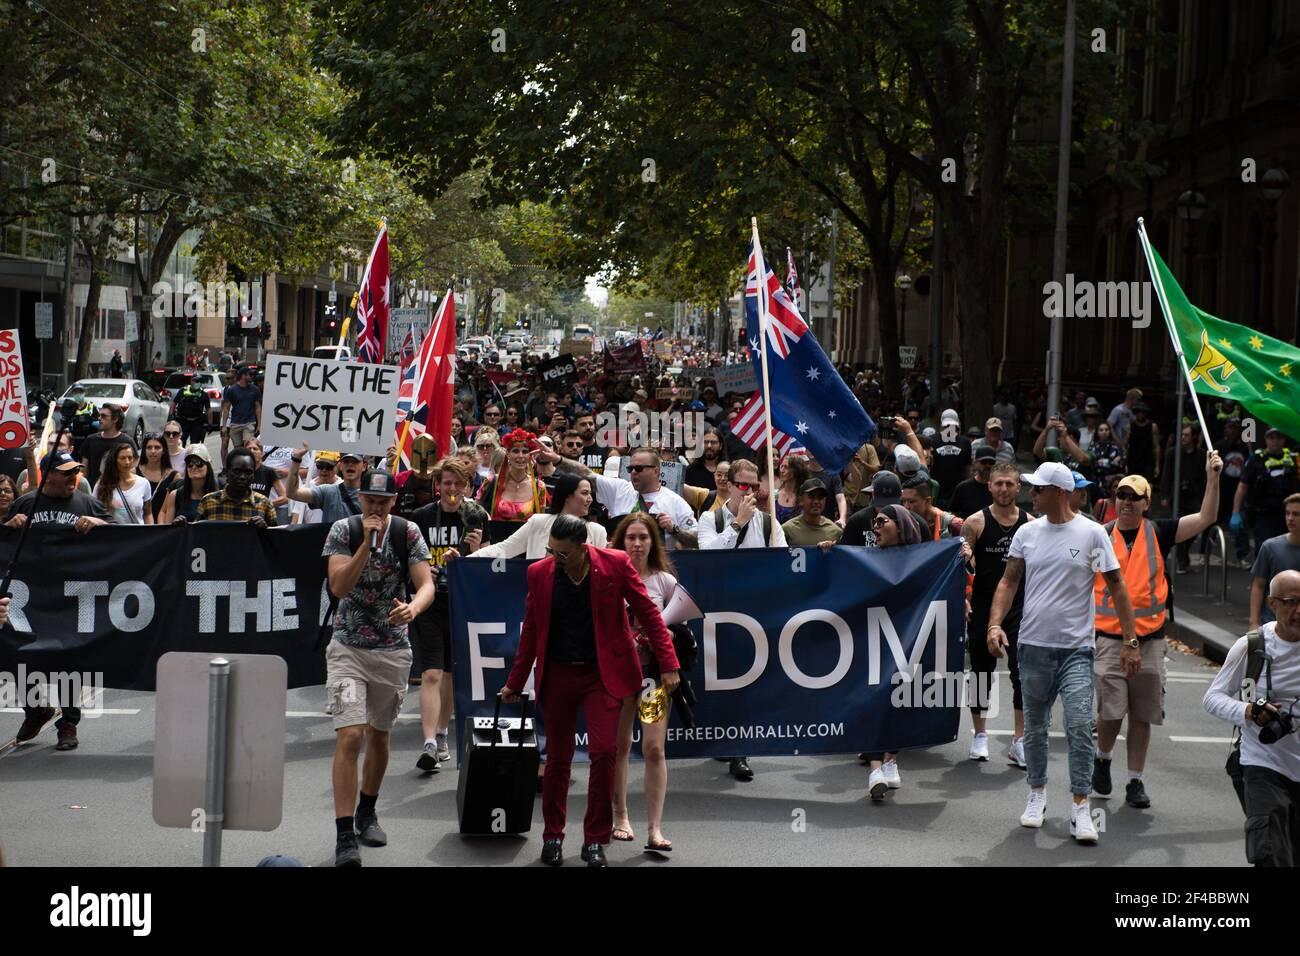 """Melbourne, Australia 20 de marzo de 2021, los manifestantes salen a las calles en el Freedom Rally que fue parte de una demostración del planeado """"World Wide Rally for Freedom"""" que fue organizado para llamar a la libertad de elección, expresión y movimiento. Crédito: Michael Currie/Alamy Live News Foto de stock"""